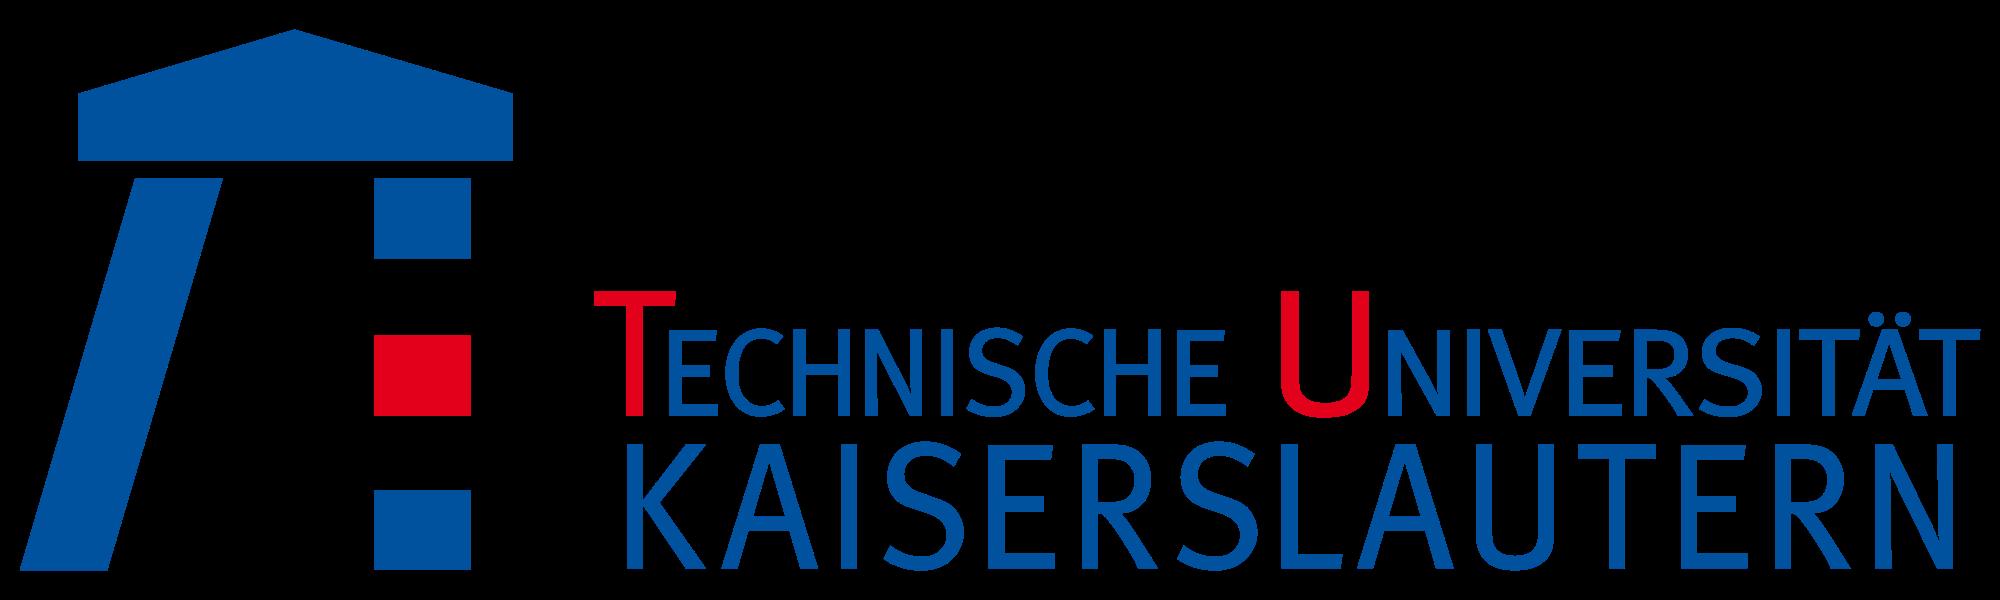 Logo-Kaiserslautern